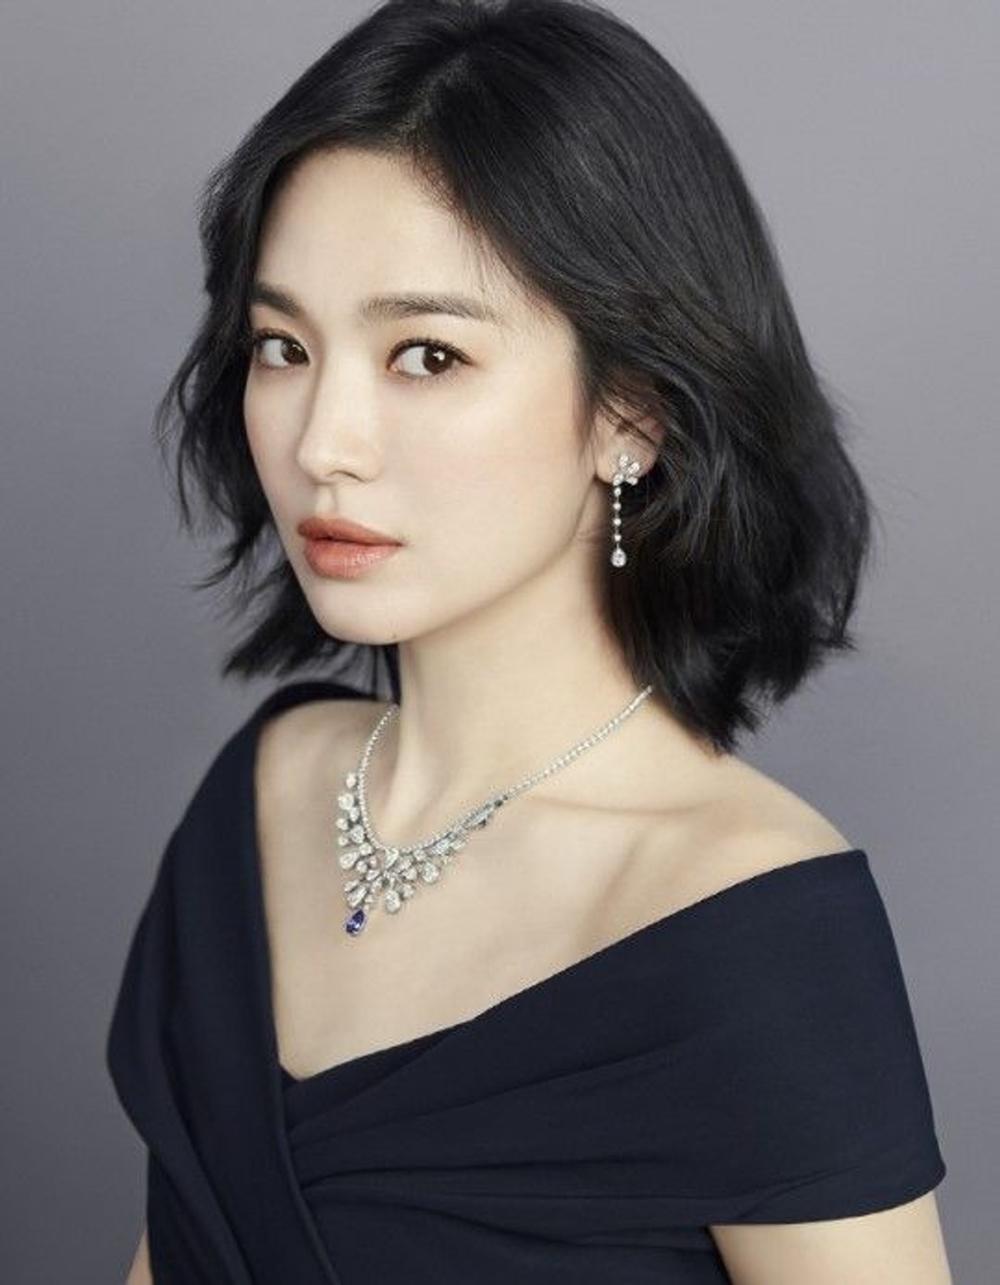 Song Hye Kyo từng đeo chiếc vòng giá 180.000 USD (hơn 4 tỷ đồng), thuộc BST Joséphine Aigrette Impériale của thương hiệu cao cấp Chaumet của Pháp.